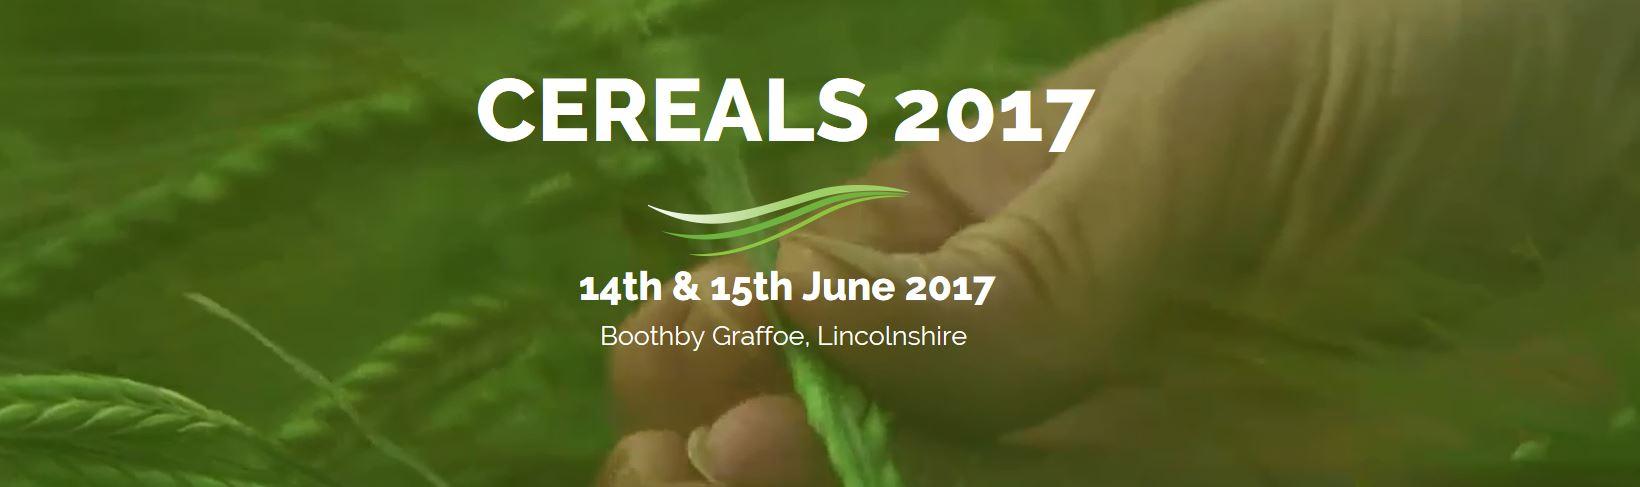 cereals2017